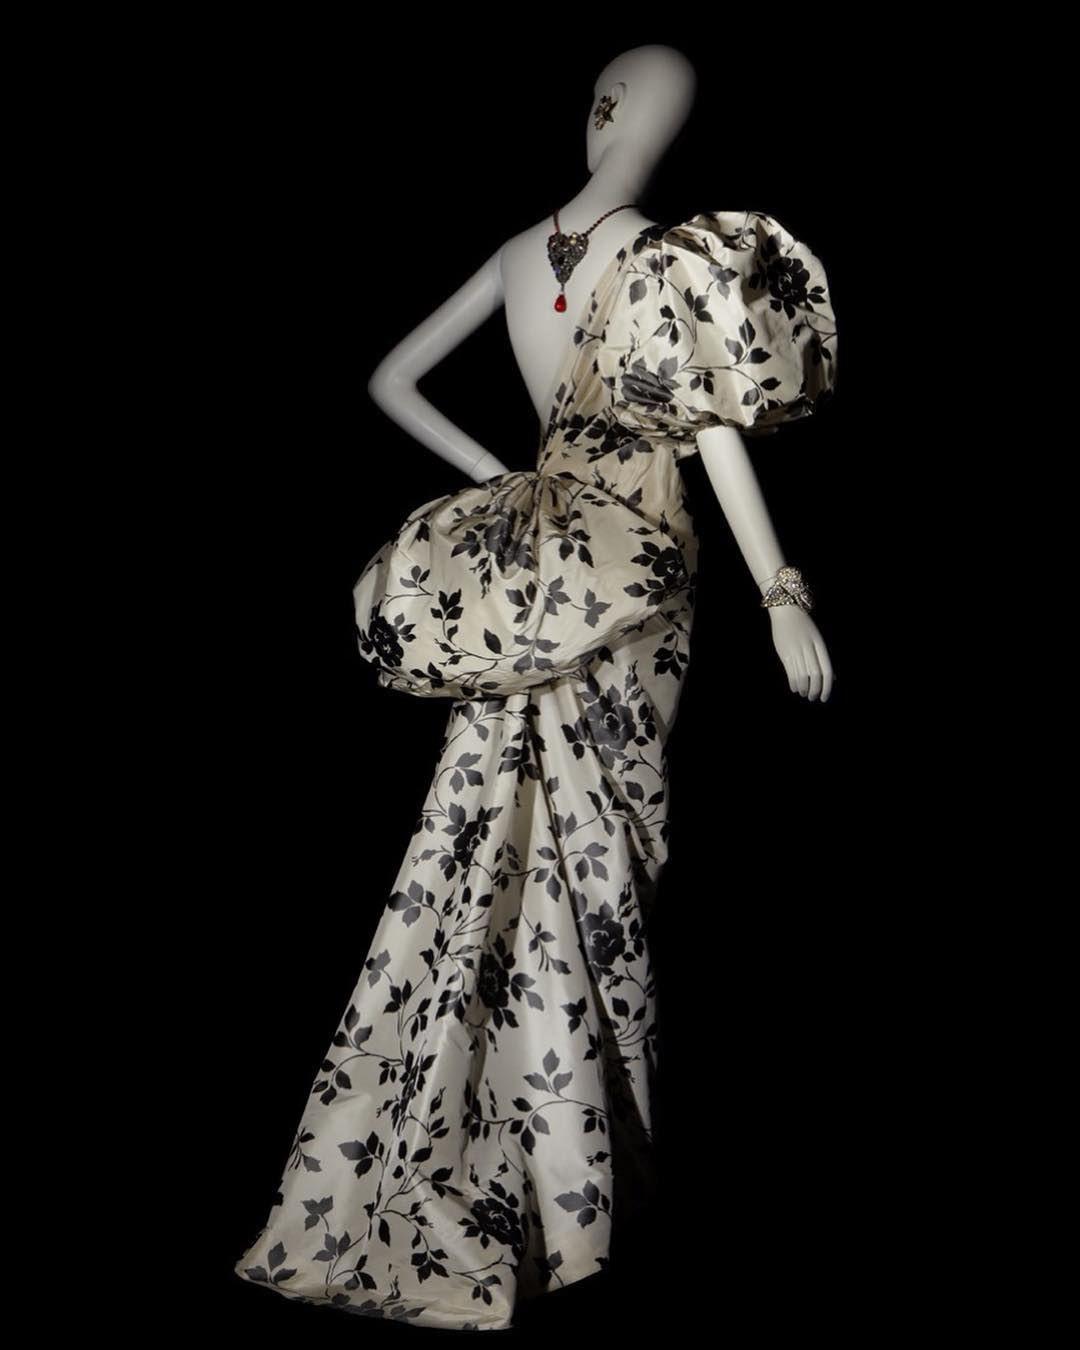 Abend Großartig Abendkleid Ysl Design13 Einzigartig Abendkleid Ysl Vertrieb